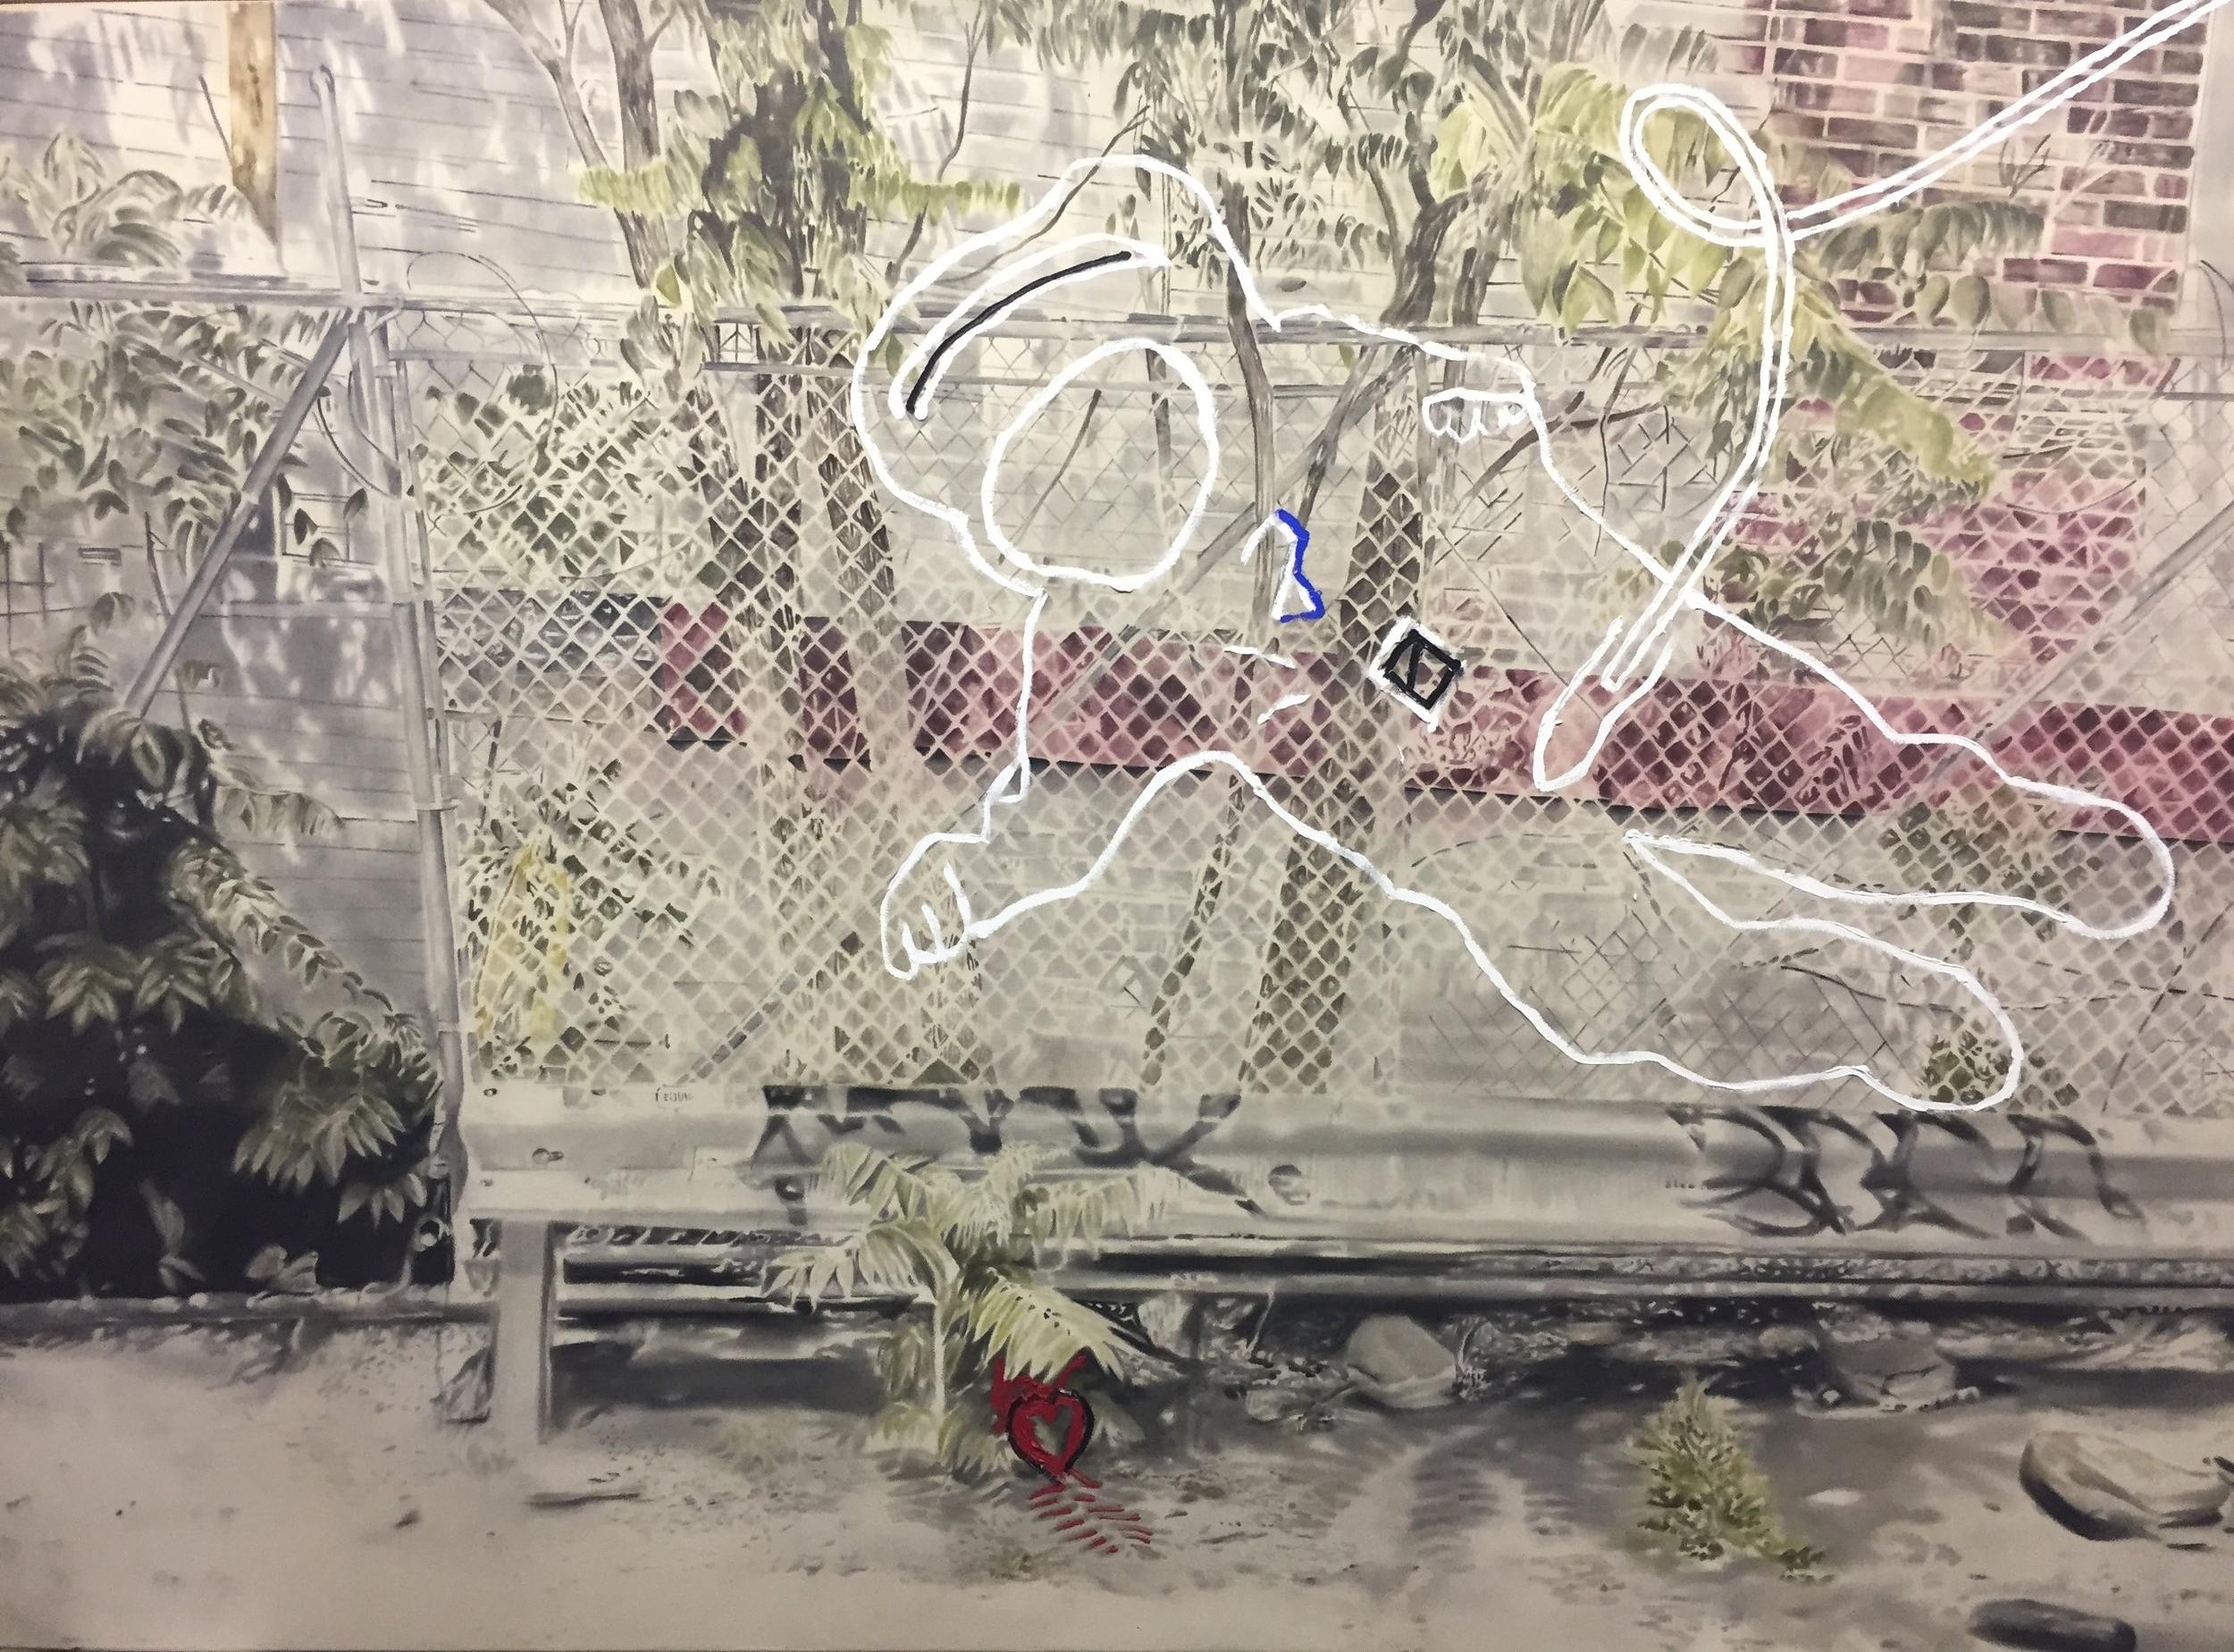 Astronaute sur Meserole no.1 ,2011-2012. Huile sur toile. 78 x 108 pouces.